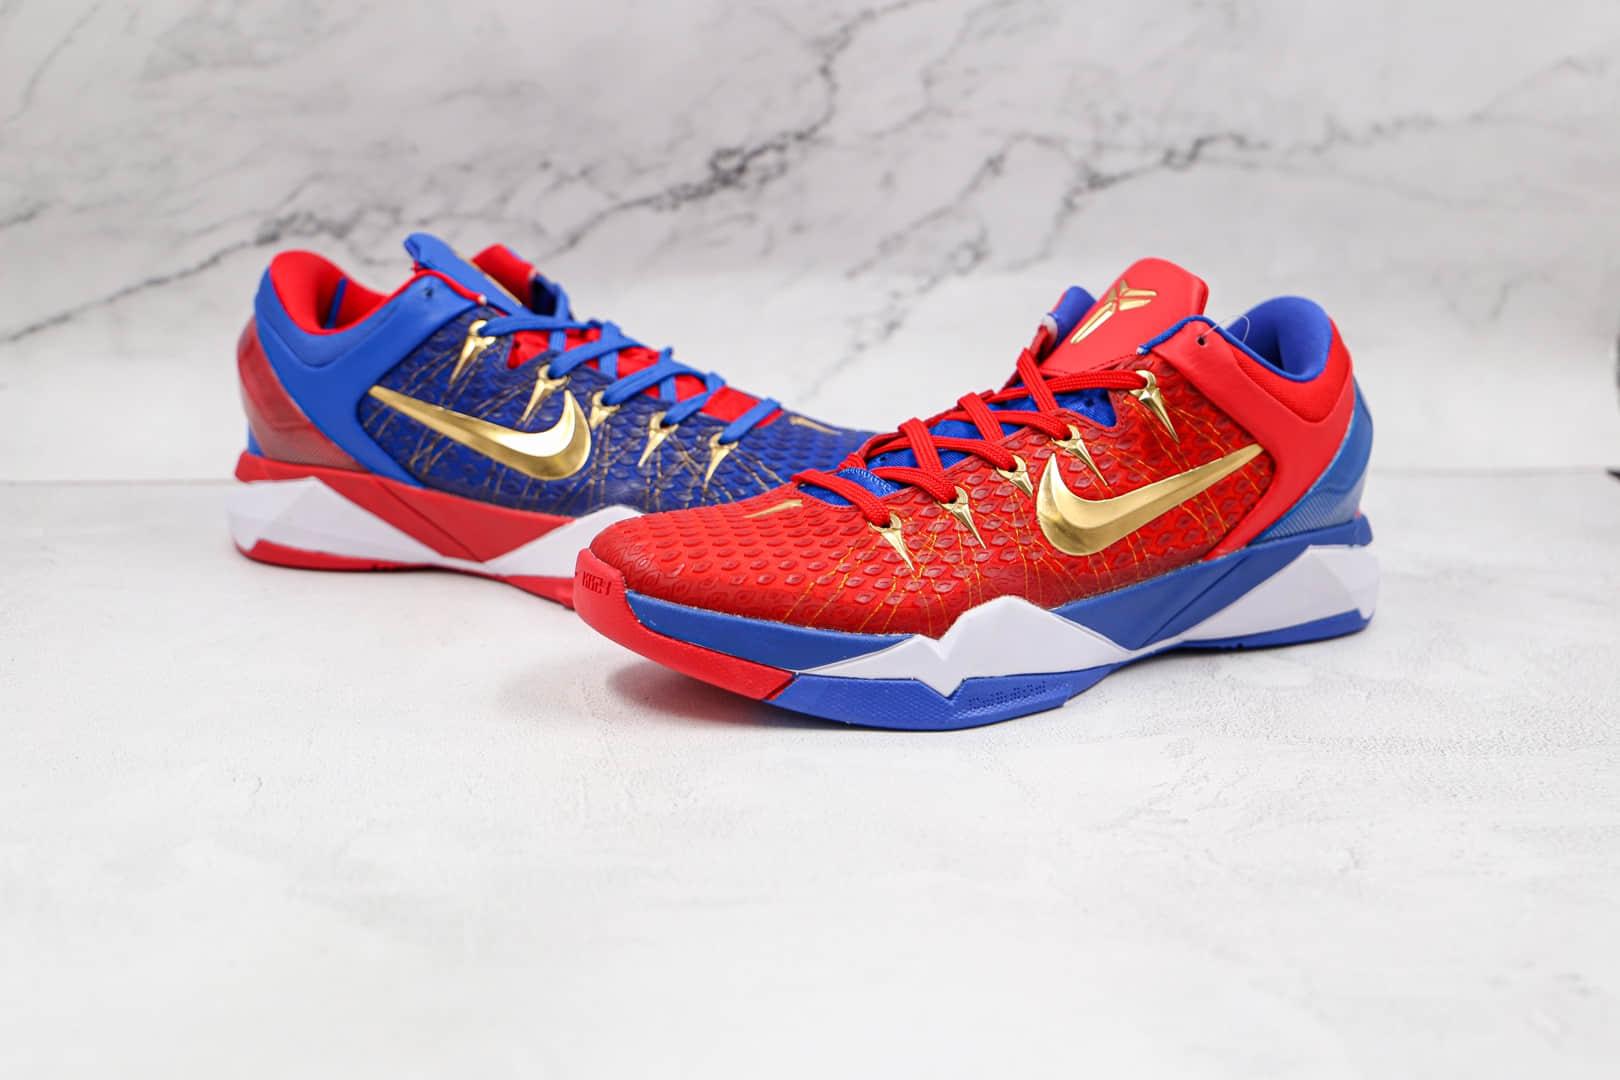 耐克Nike Zoom Kobe VII纯原版本科比7代红蓝鸳鸯篮球鞋内置碳板支持实战 货号:488371-406